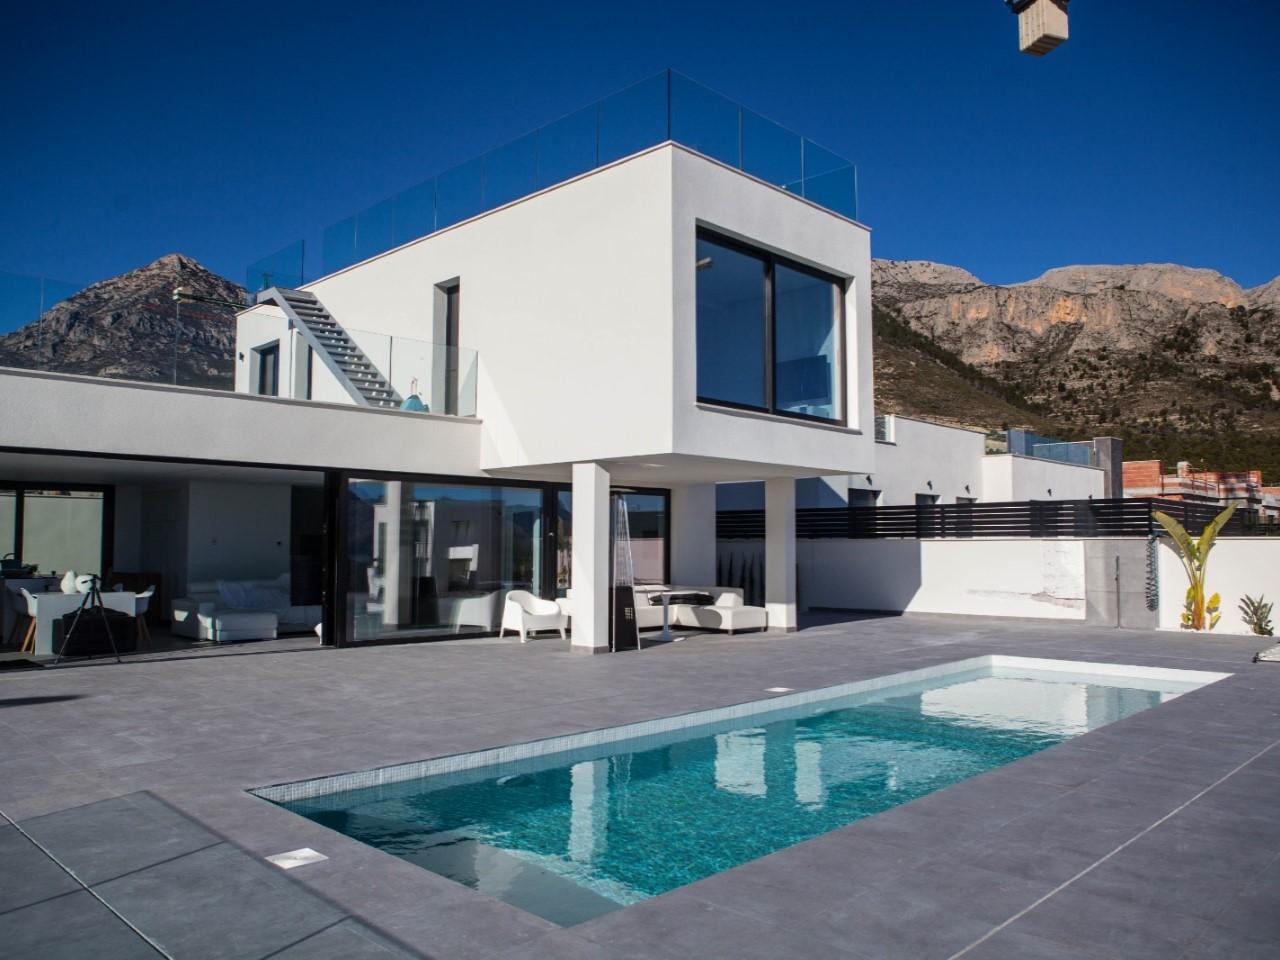 Villa moderne avec vue sur la mer région de Polop - Espagne